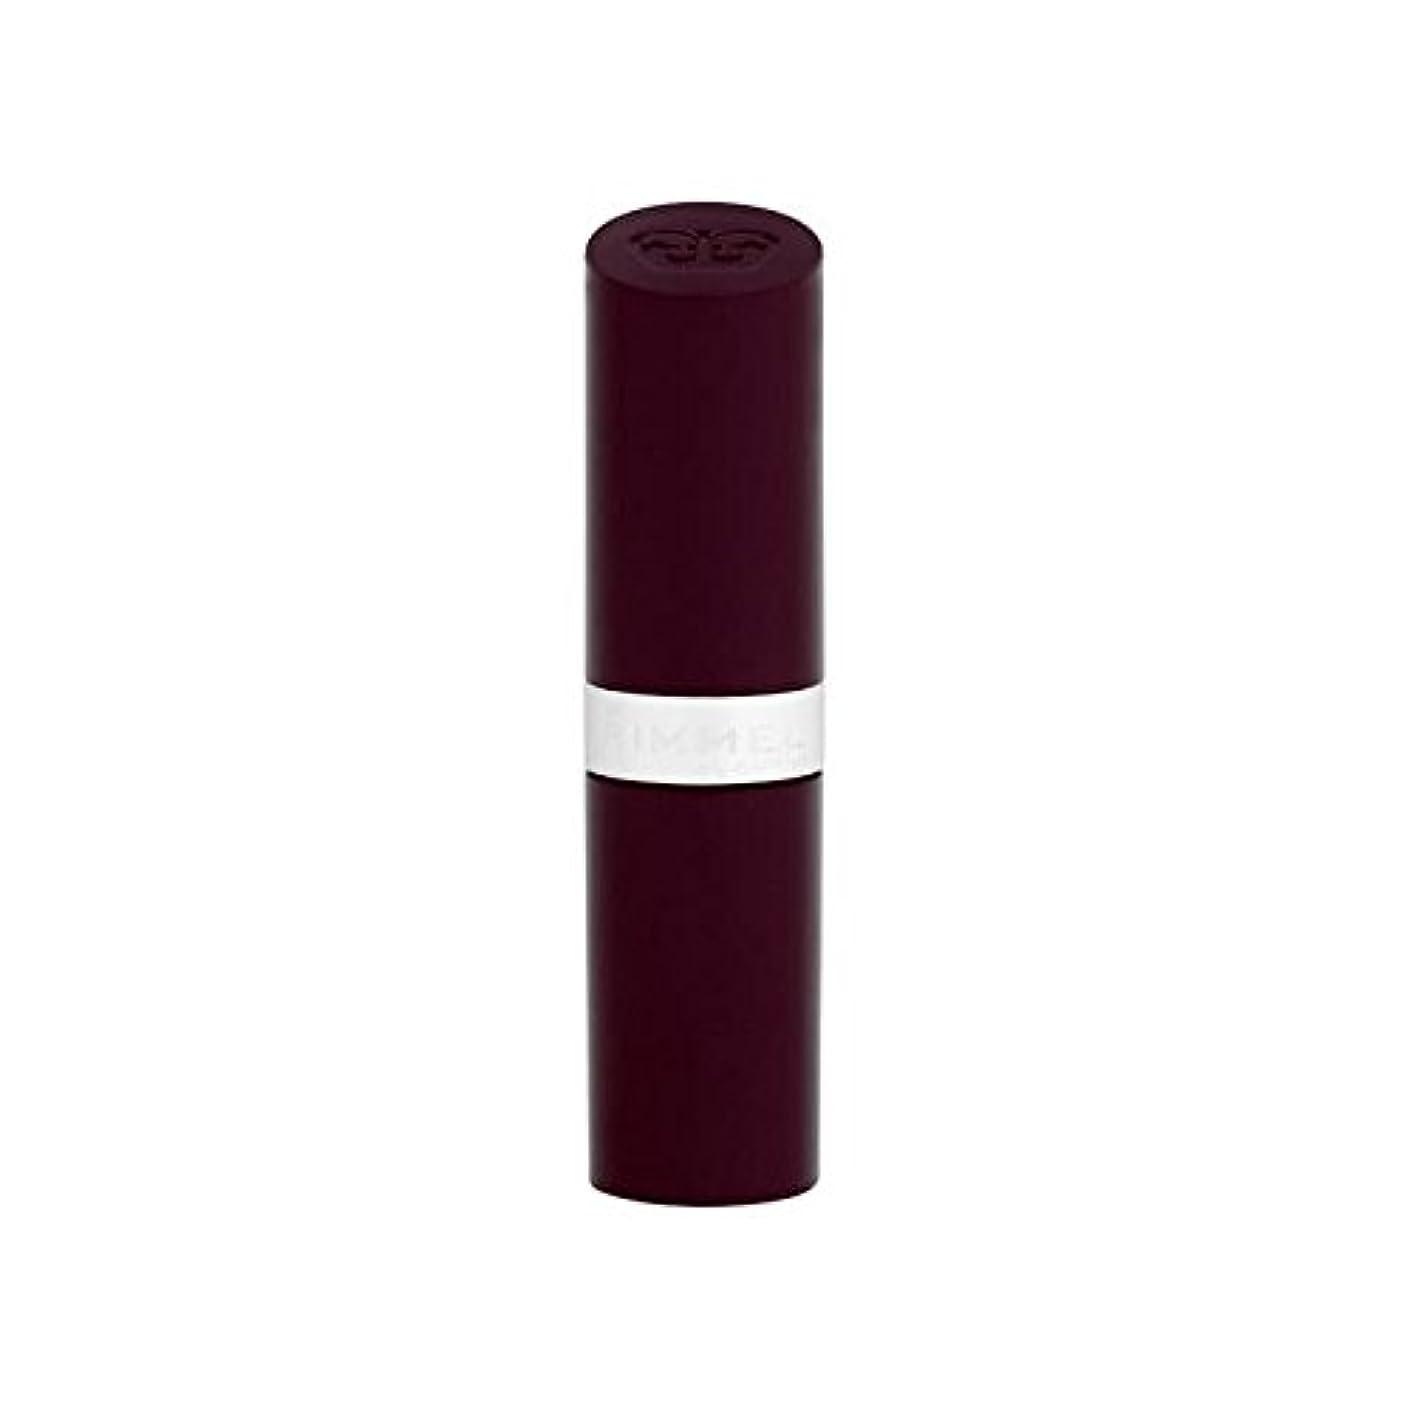 グラフ理容師嫌なリンメル持続的な仕上げの口紅杢きらめき66 x2 - Rimmel Lasting Finish Lipstick Heather Shimmer 66 (Pack of 2) [並行輸入品]